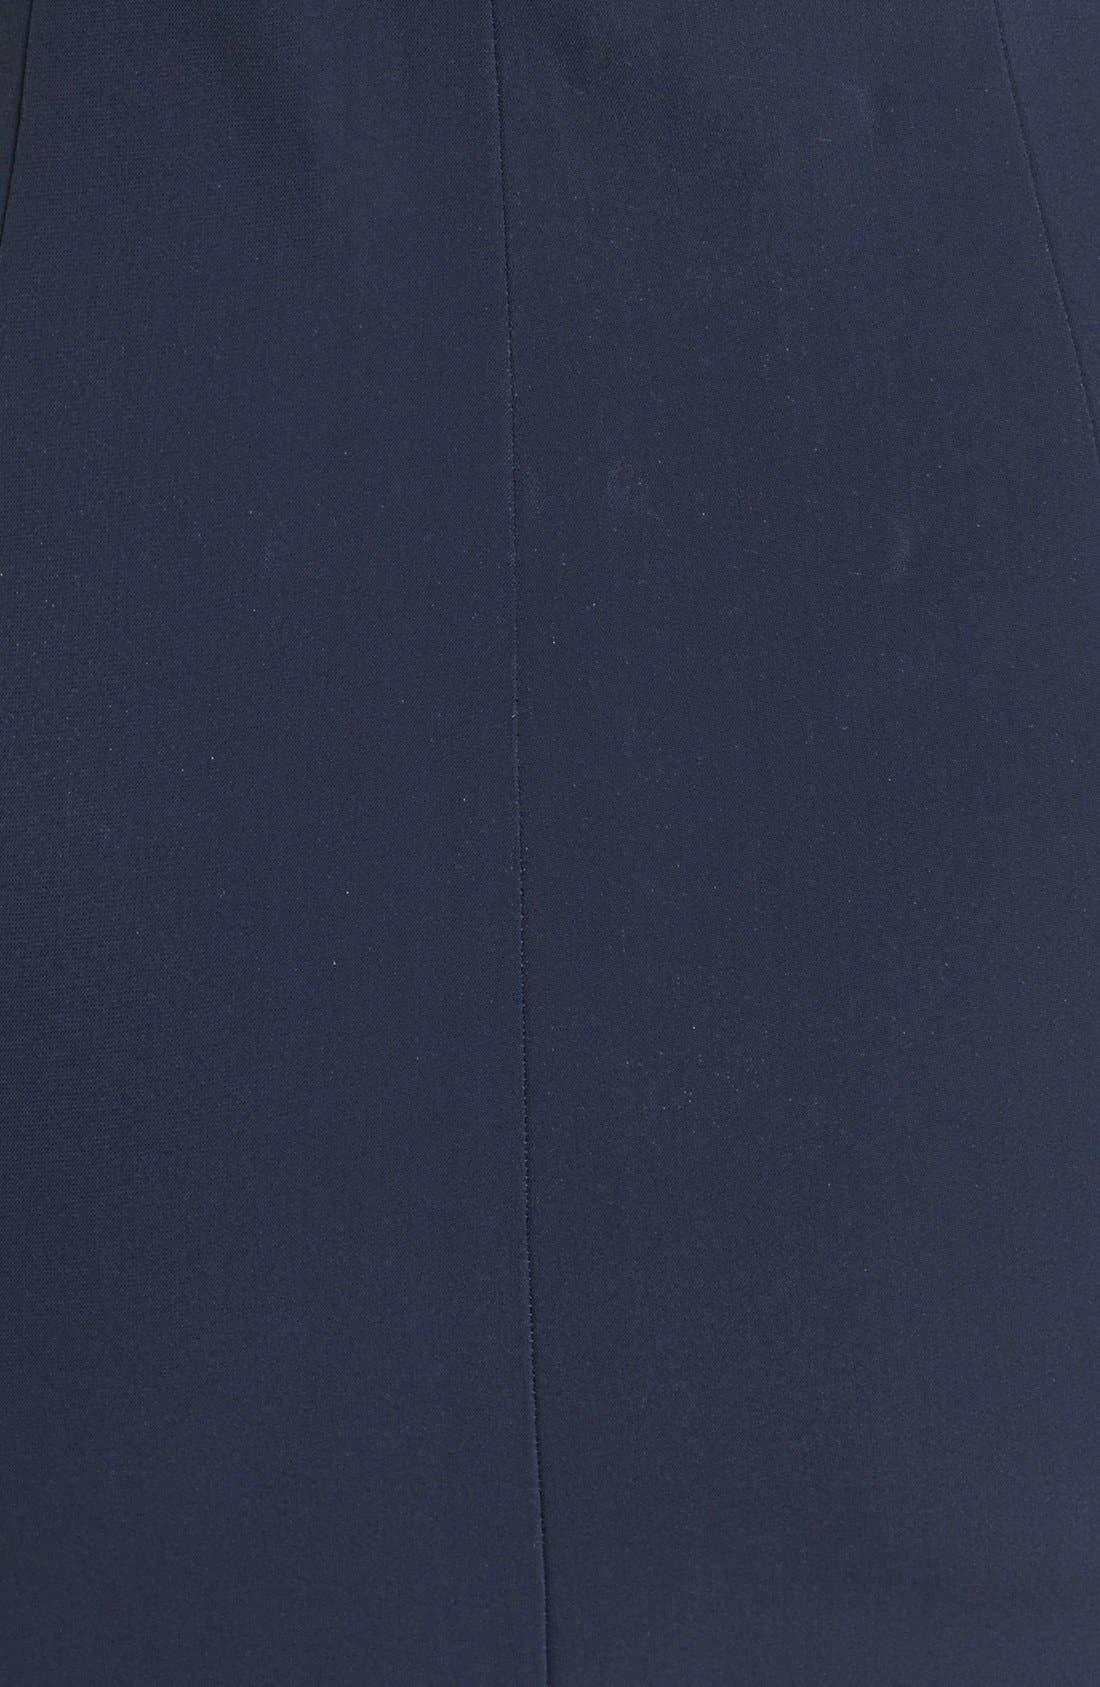 Alternate Image 3  - Theory 'Tolland W.' Jersey Sheath Dress